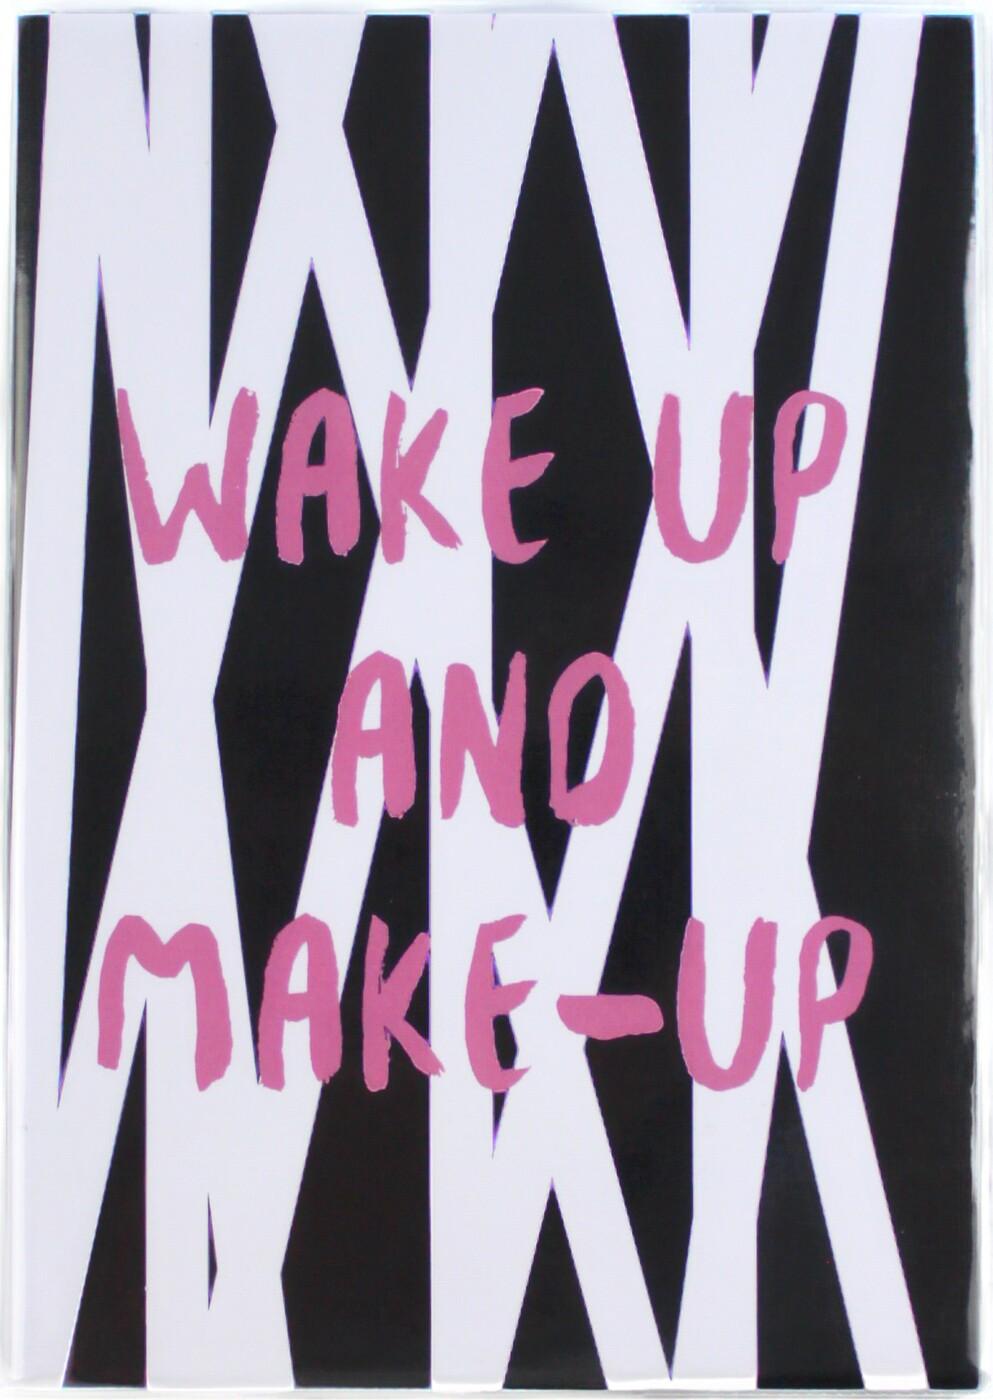 Планер большой Студия Dreams Wake up and Make up